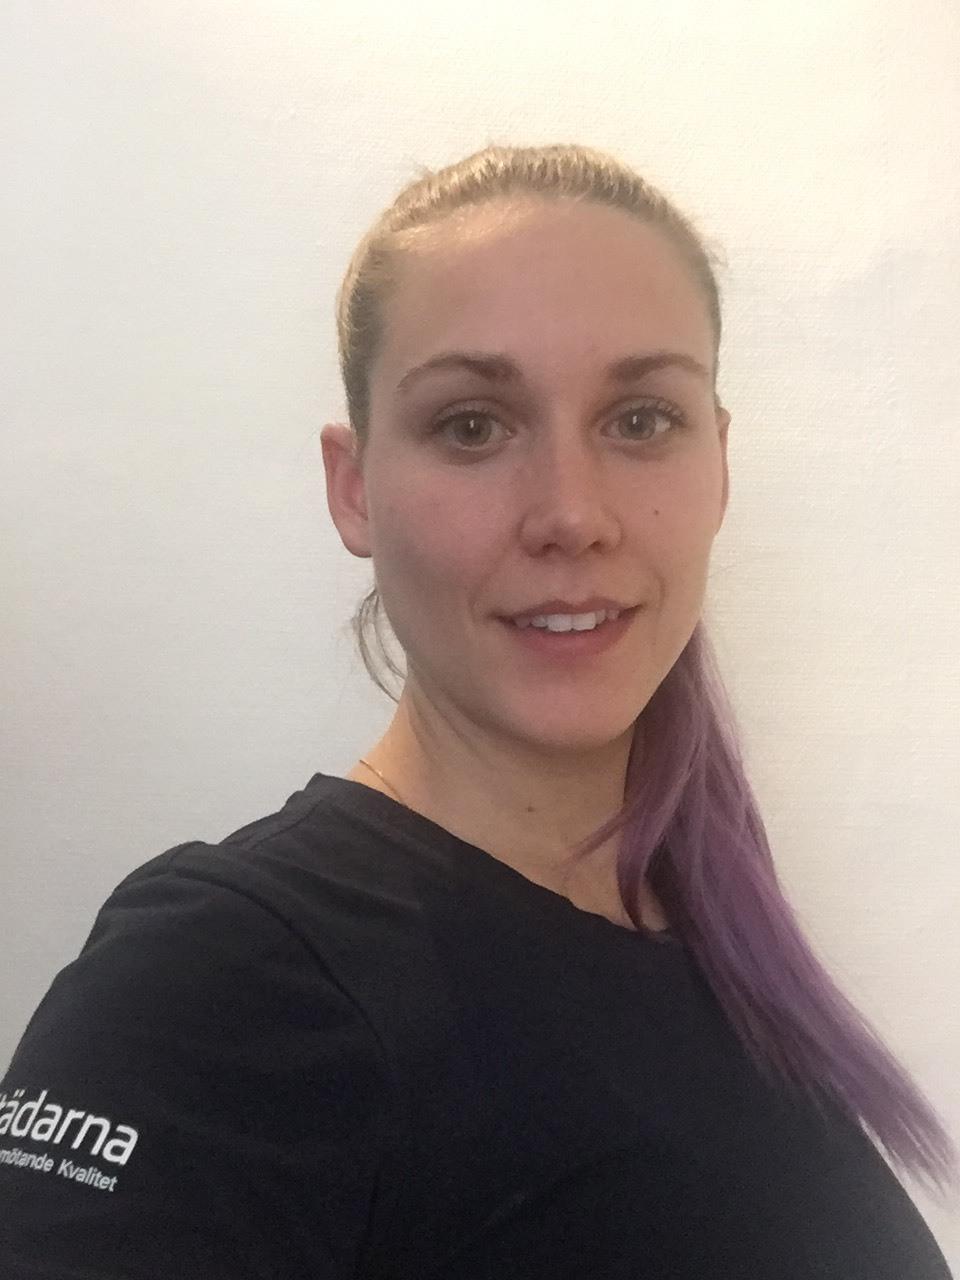 Emma Jakobsson  Arbetsledare  031 – 21 21 77  emma@stadarna.se   Städarna i Göteborg AB Fabriksstråket 24 433 76 Jonsered  Har arbetat på Städarna sedan 2016